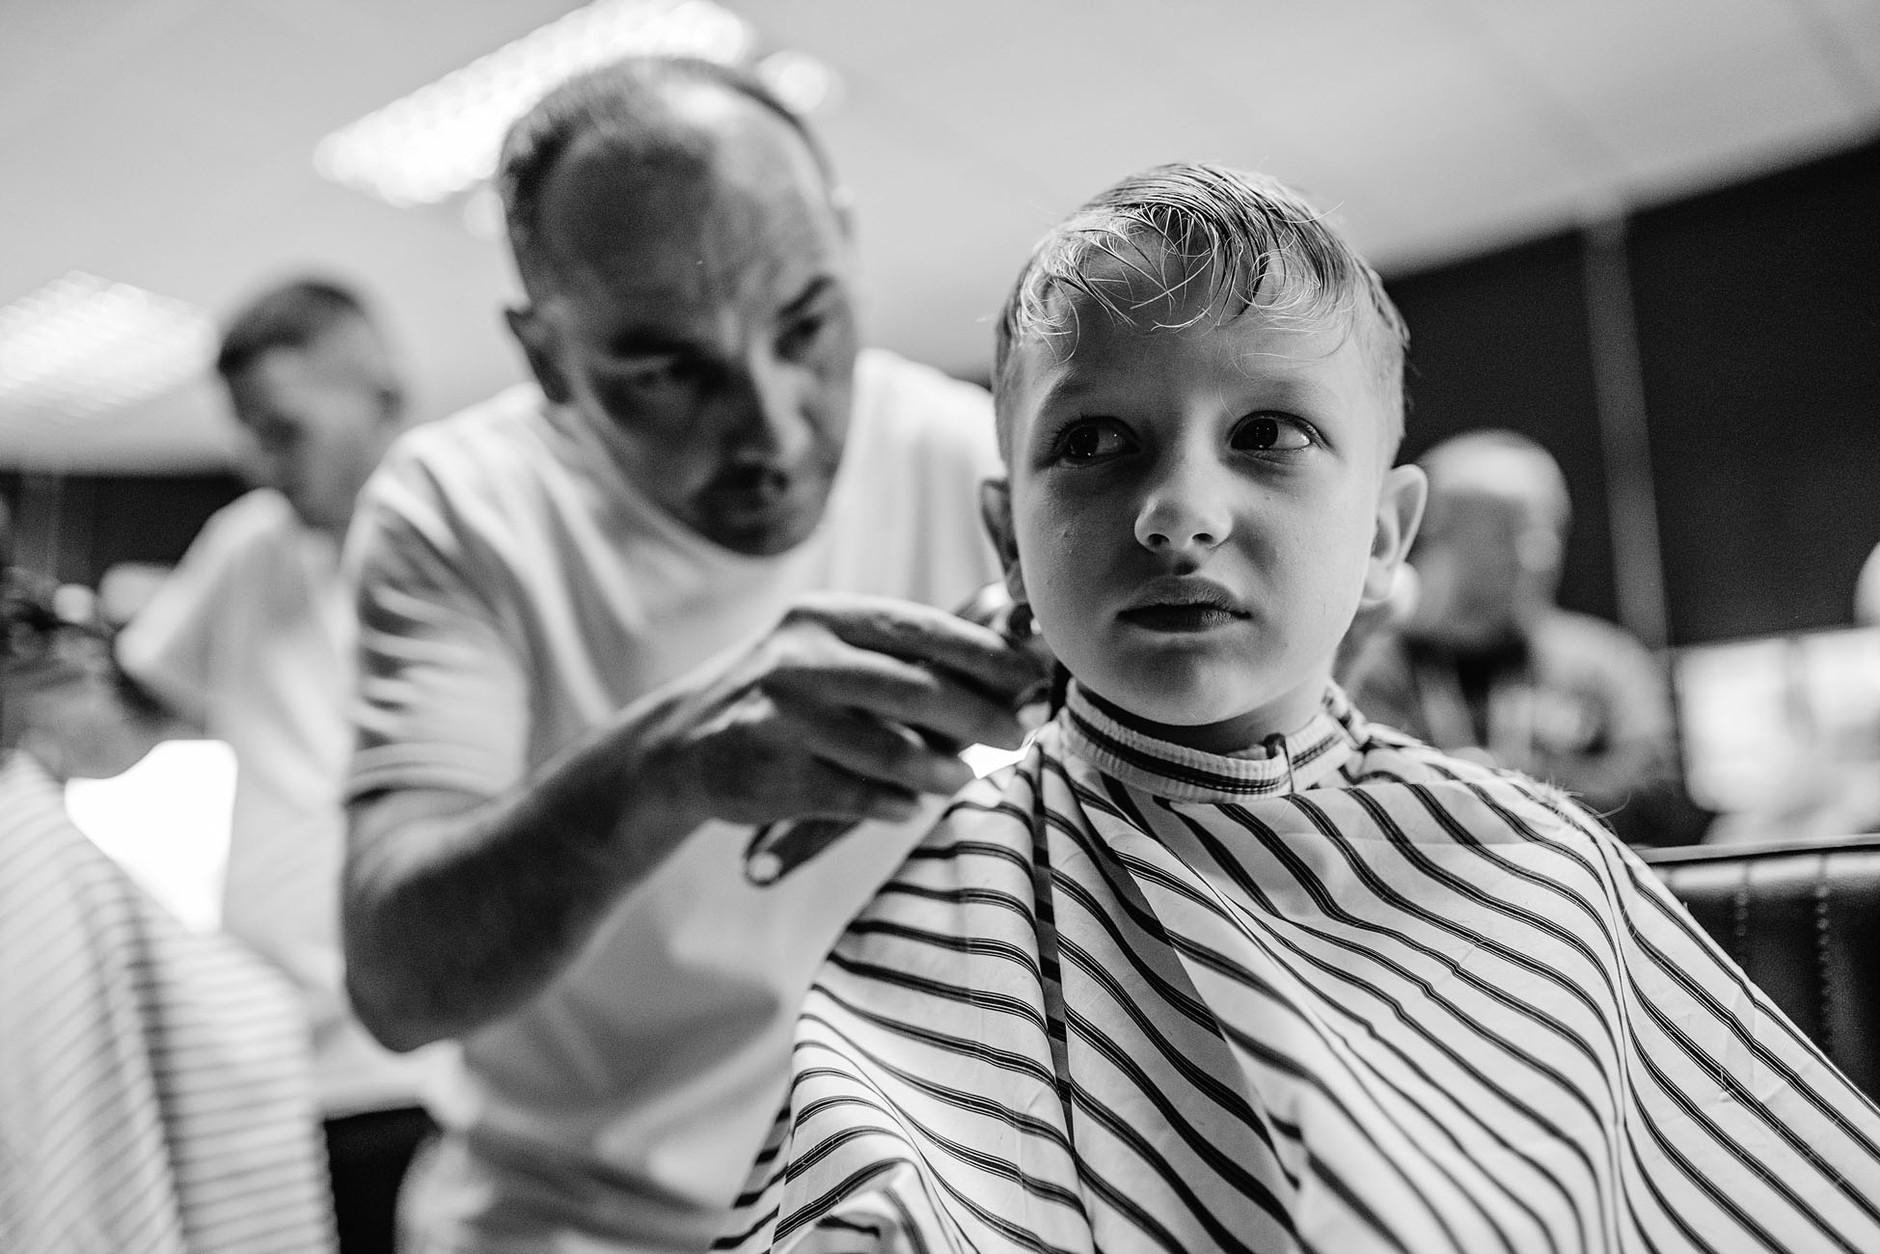 dublin-documentary-family-photography-finn-haircut-0030.jpg